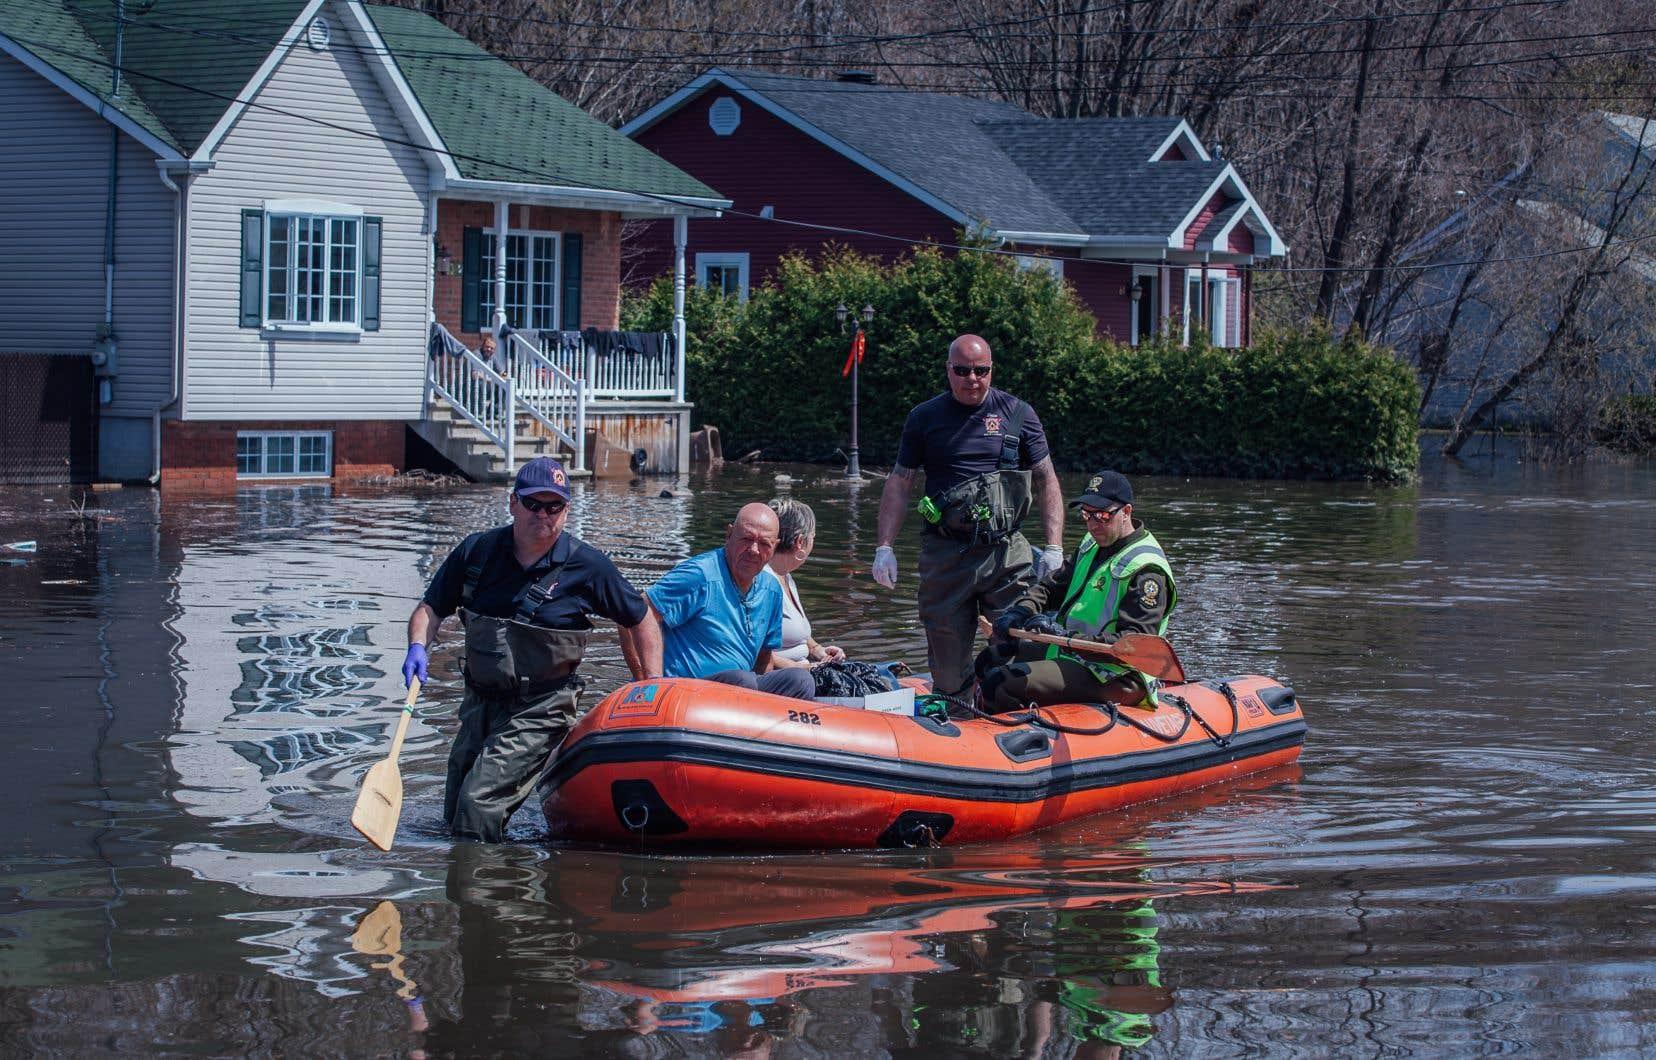 Le gouvernement n'a toutefois pas encore une nouvelle définition des zones inondables en main et n'a pas pris de décision sur les territoires encadrés par des digues.